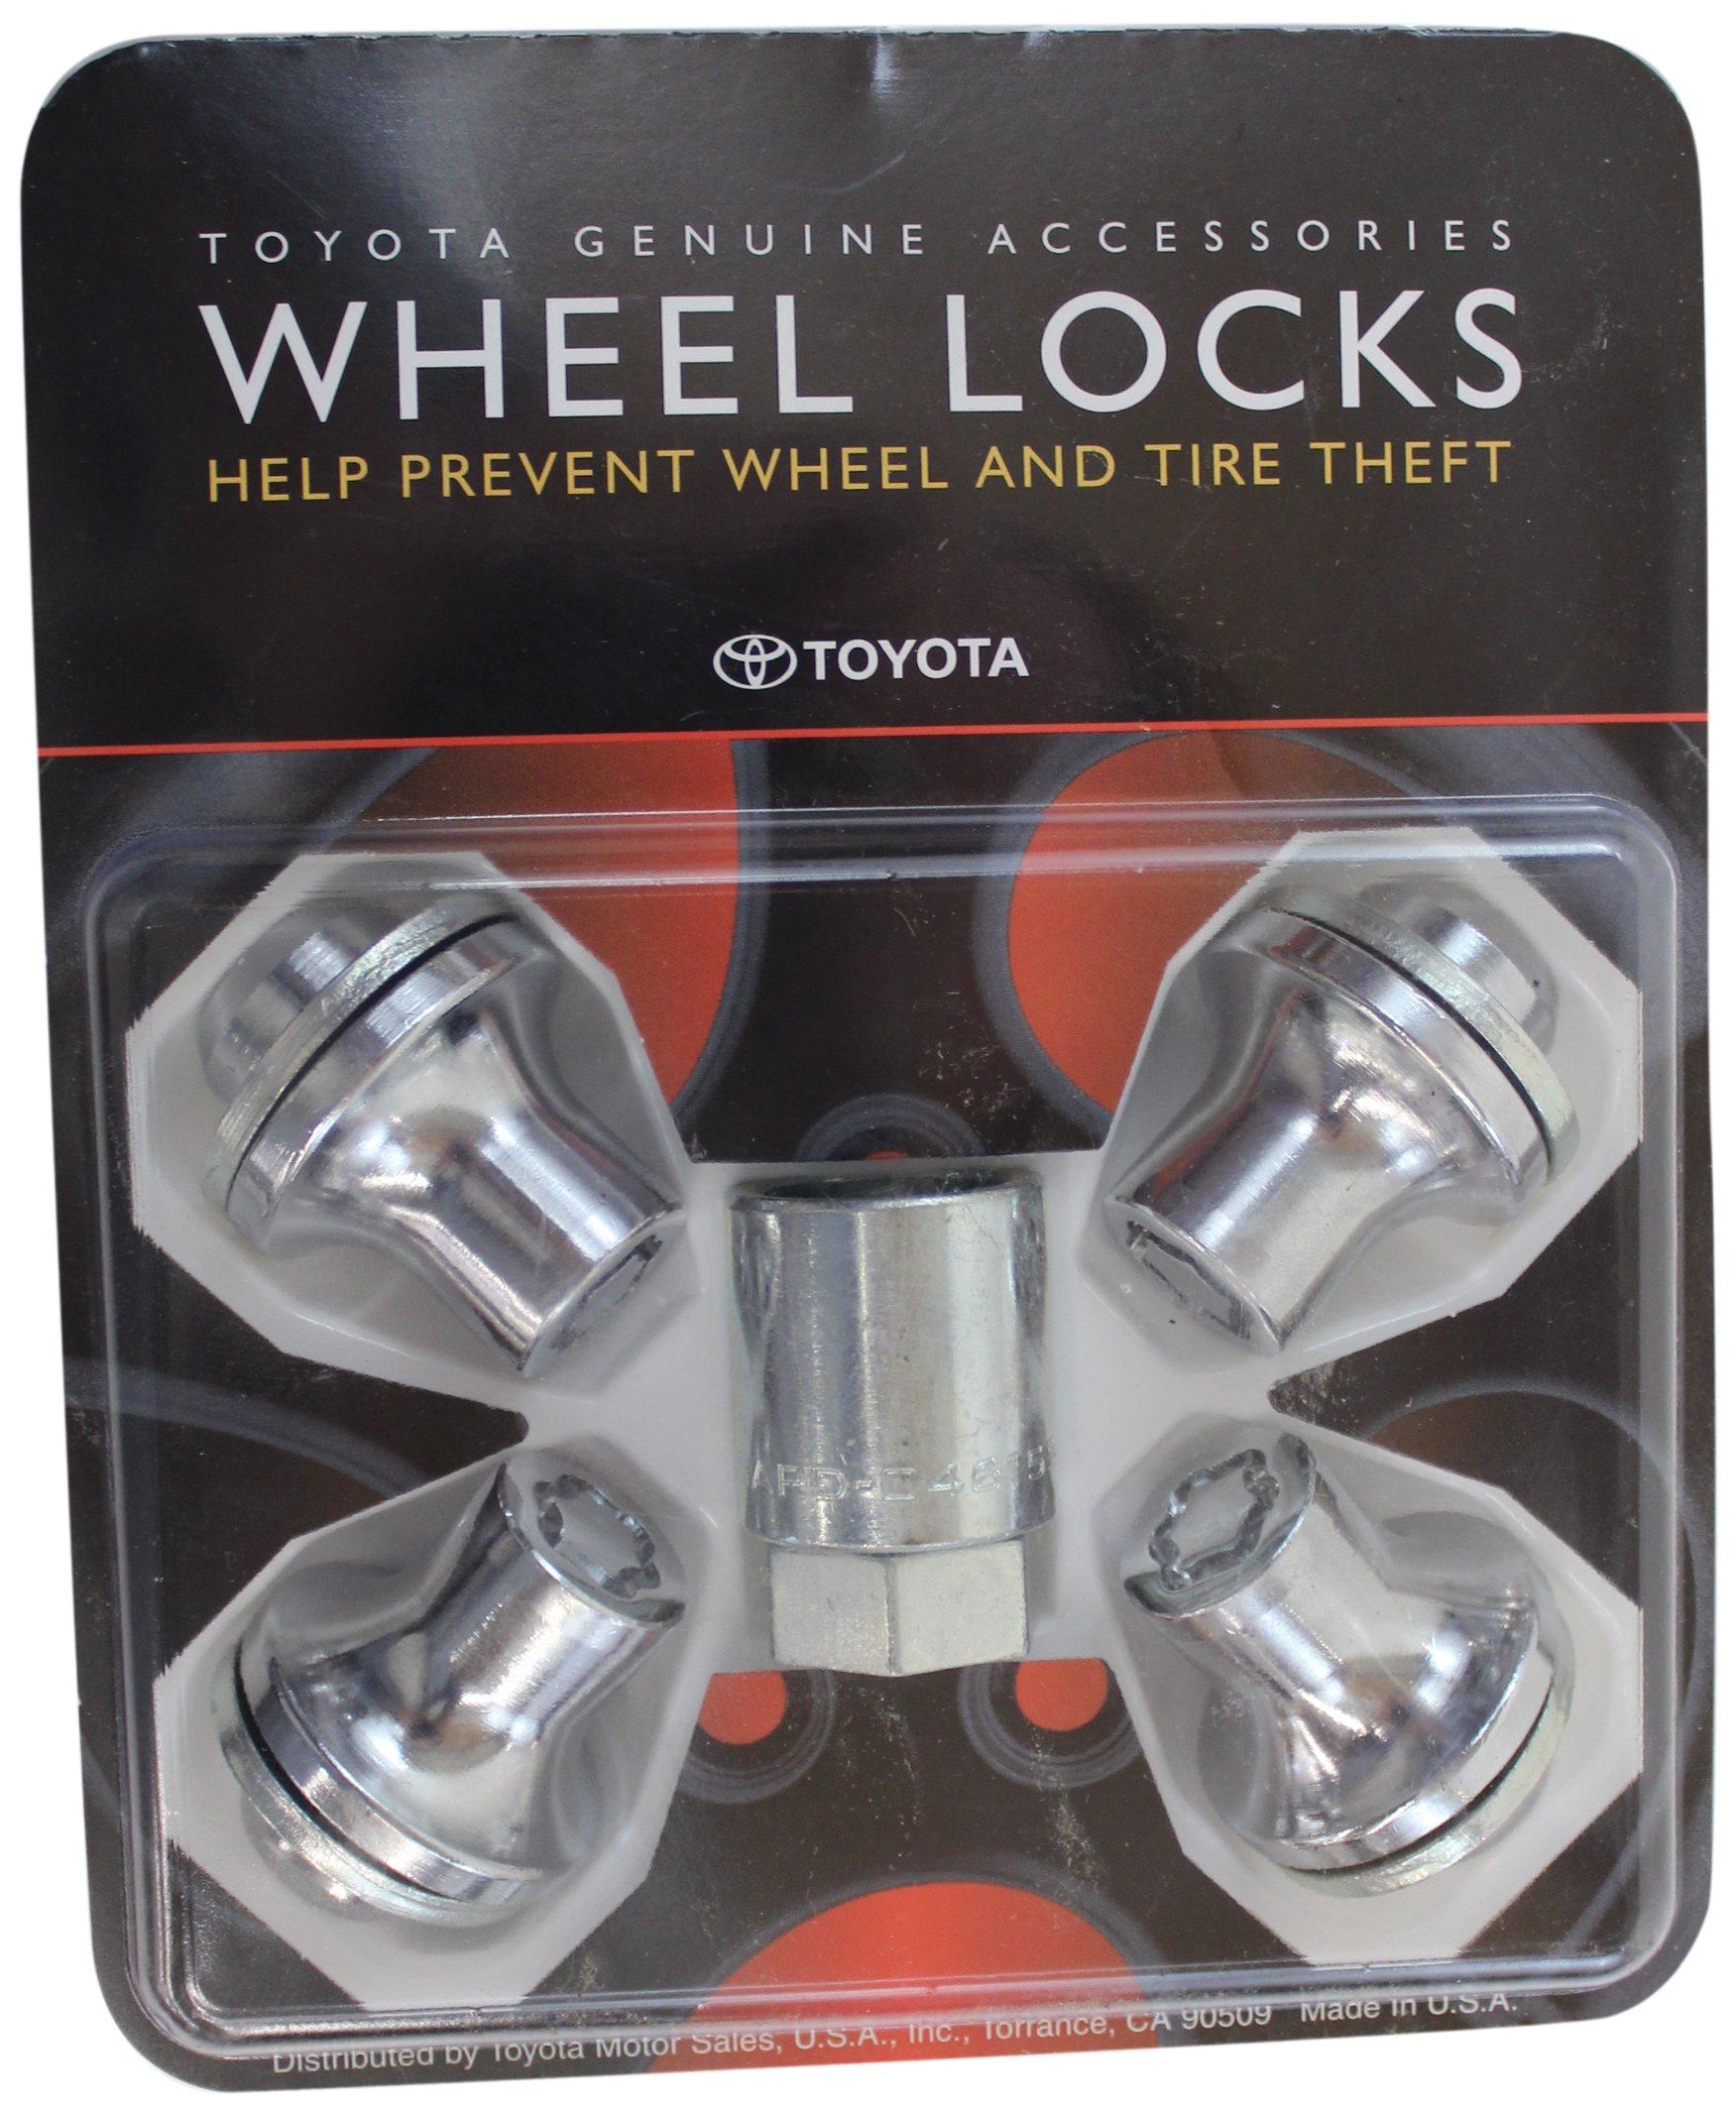 Genuine Toyota Accessories PT276-60070 Wheel Lock